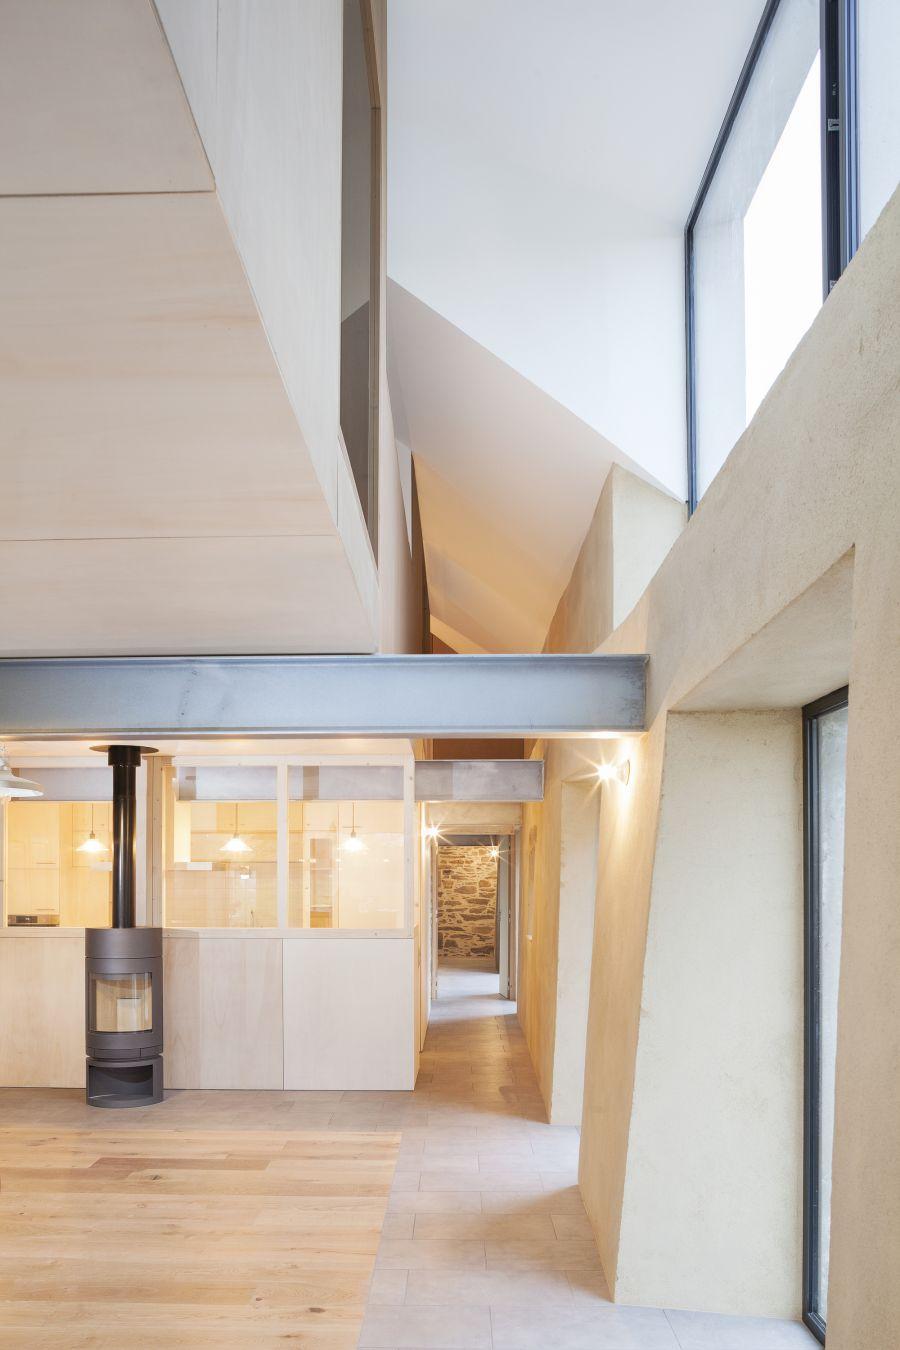 Longère à Bruz - Arch. Atelier 56S - Photo : Jeremias Gonzalez